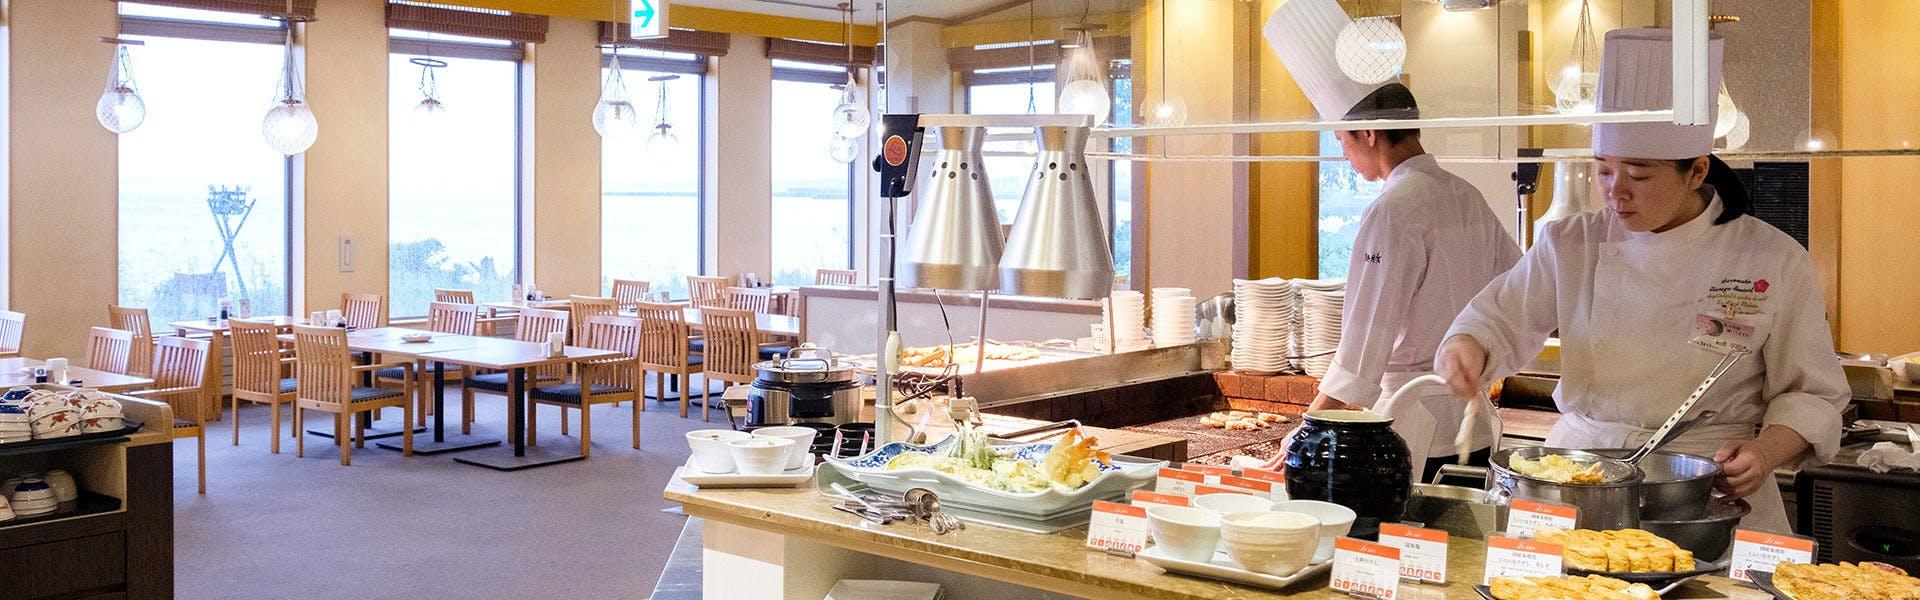 ビュッフェレストラン ラ・メール